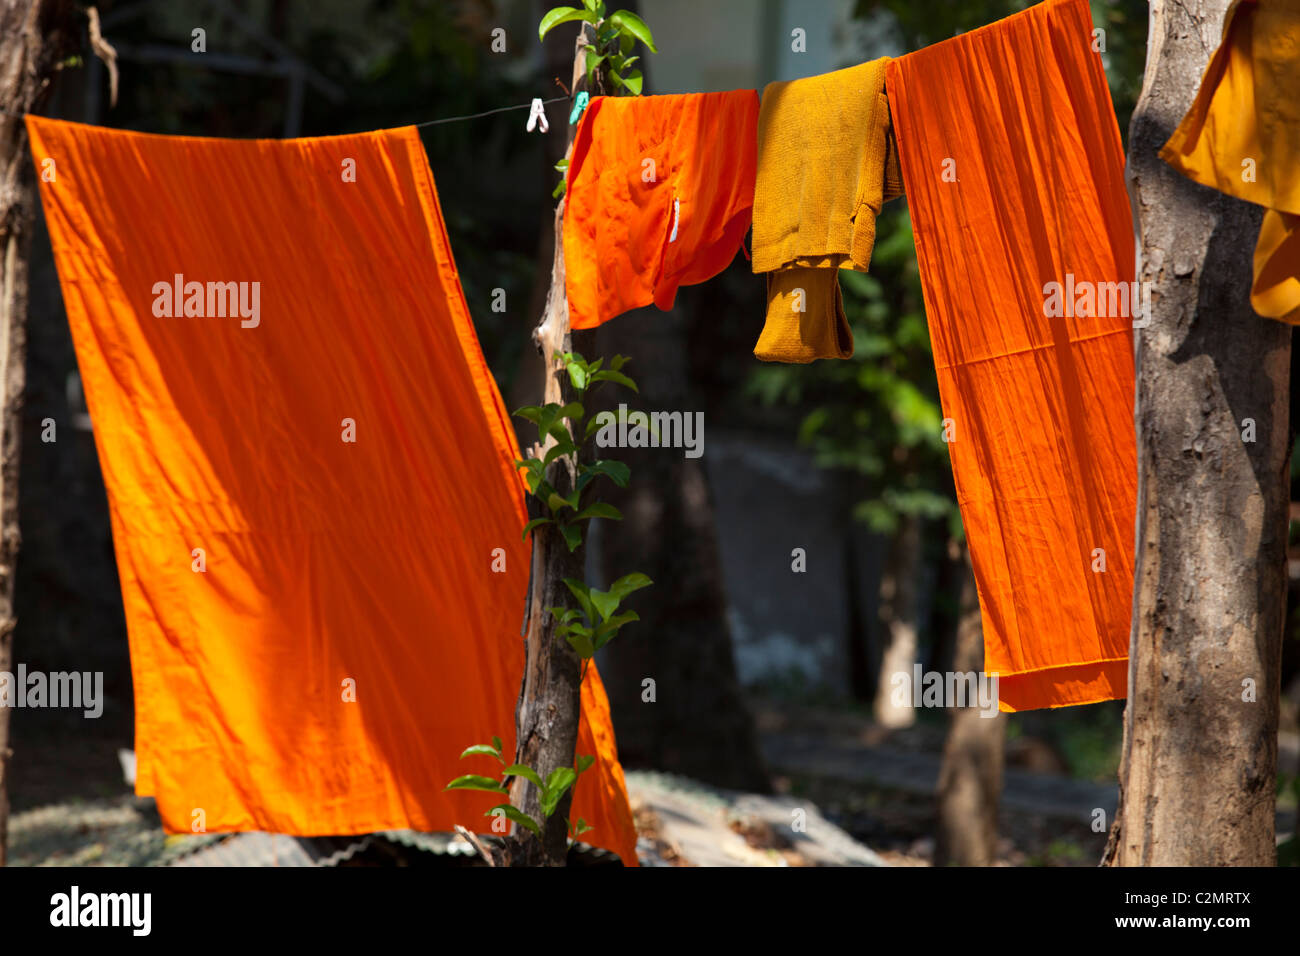 Buddhistischer Mönch Gewand an der Wäscheleine im Wat Sri Chum, Lampang Thailand hängen. Stockbild